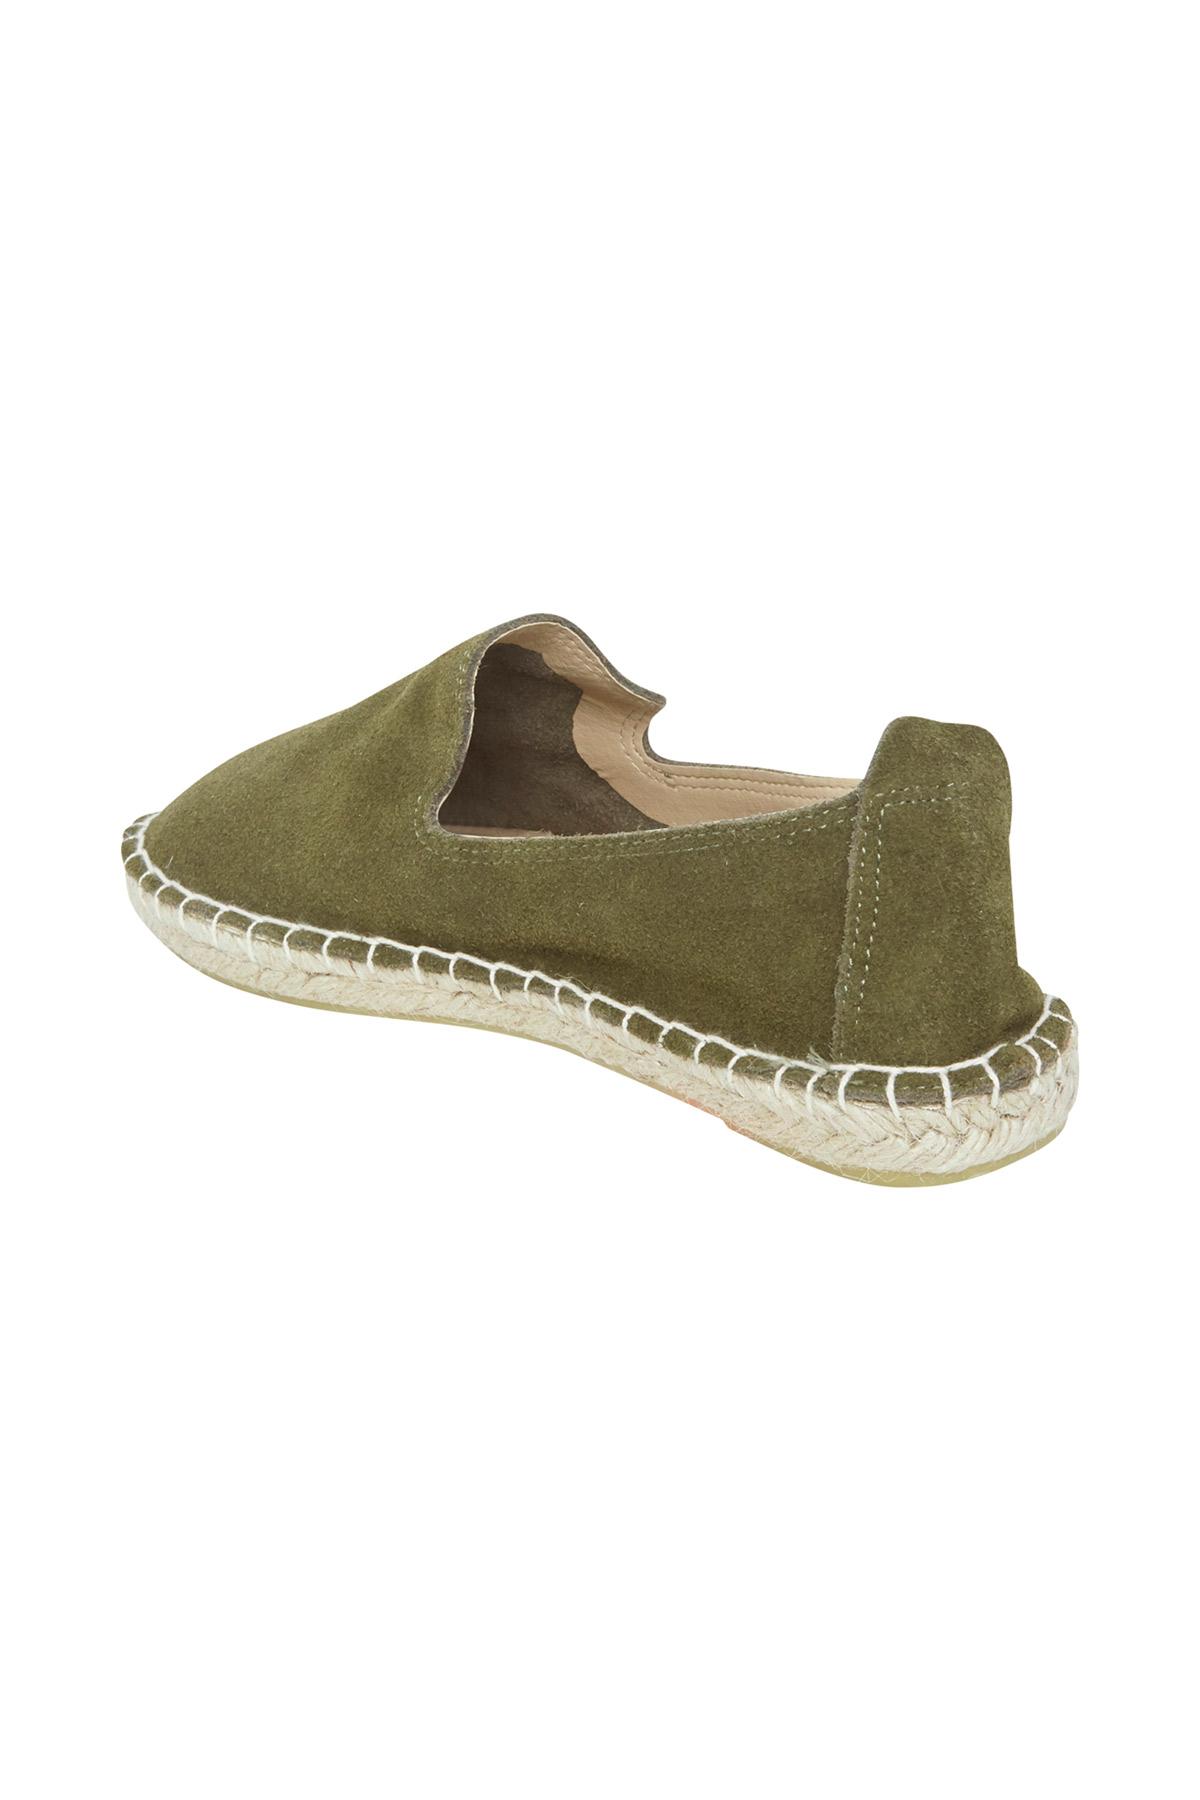 Olivgrön Skor från Ichi - accessories – Köp Olivgrön Skor från stl. 36-42 här